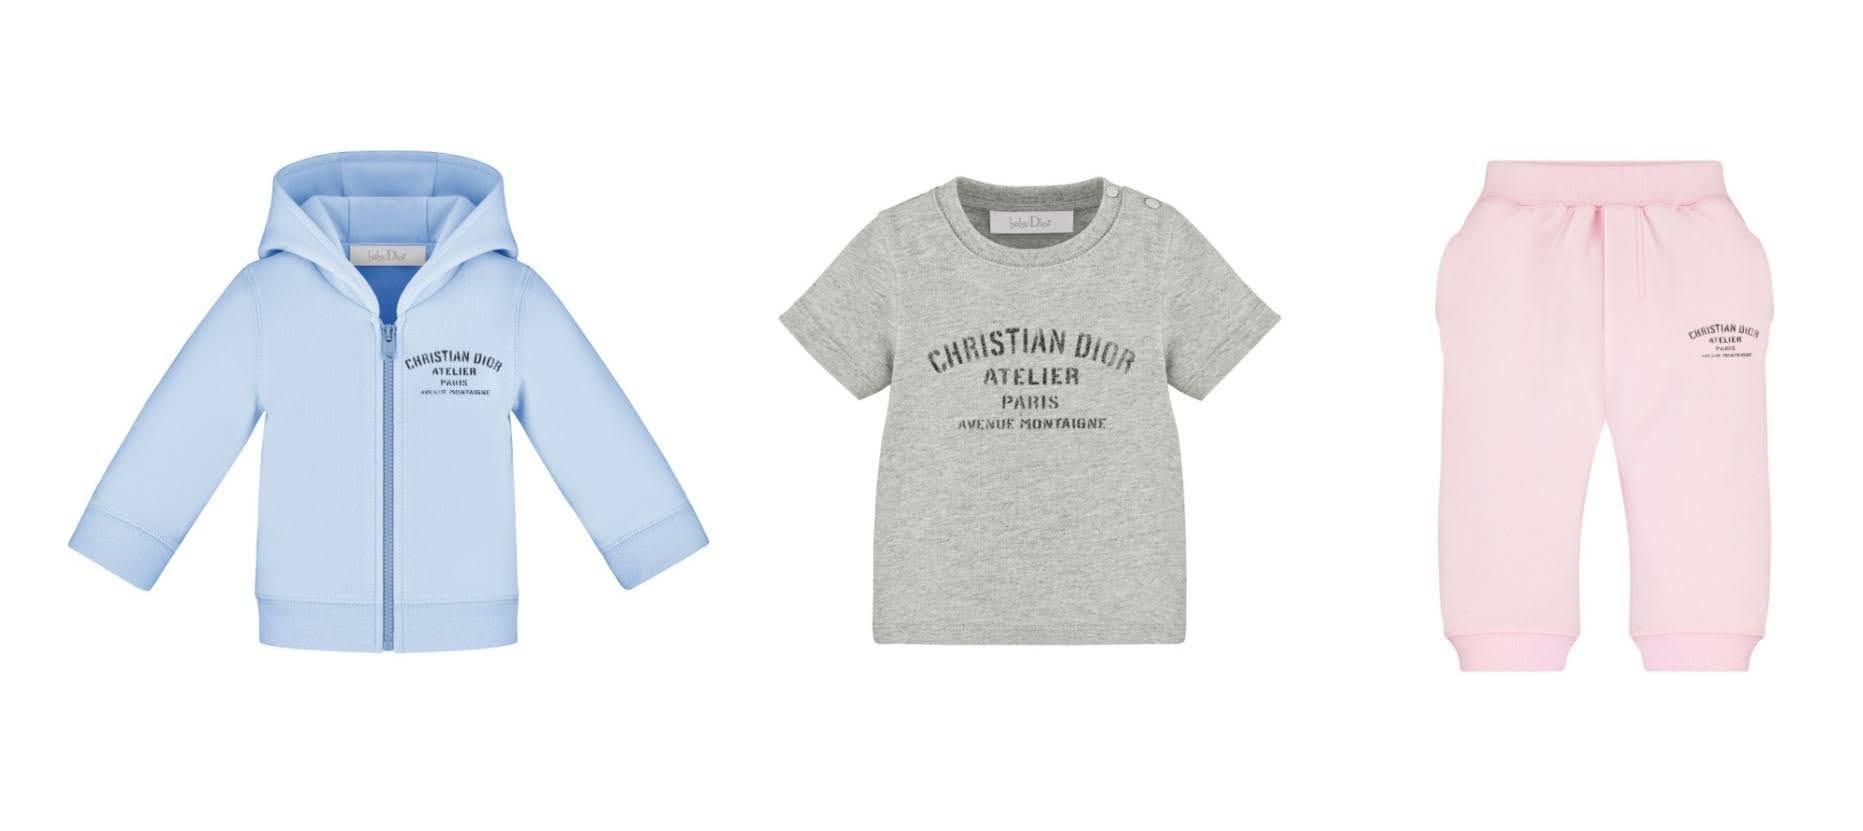 ベビーディオールの新作カプセルコレクション「クリスチャン ディオール アトリエ」パステルカラーのベビー服